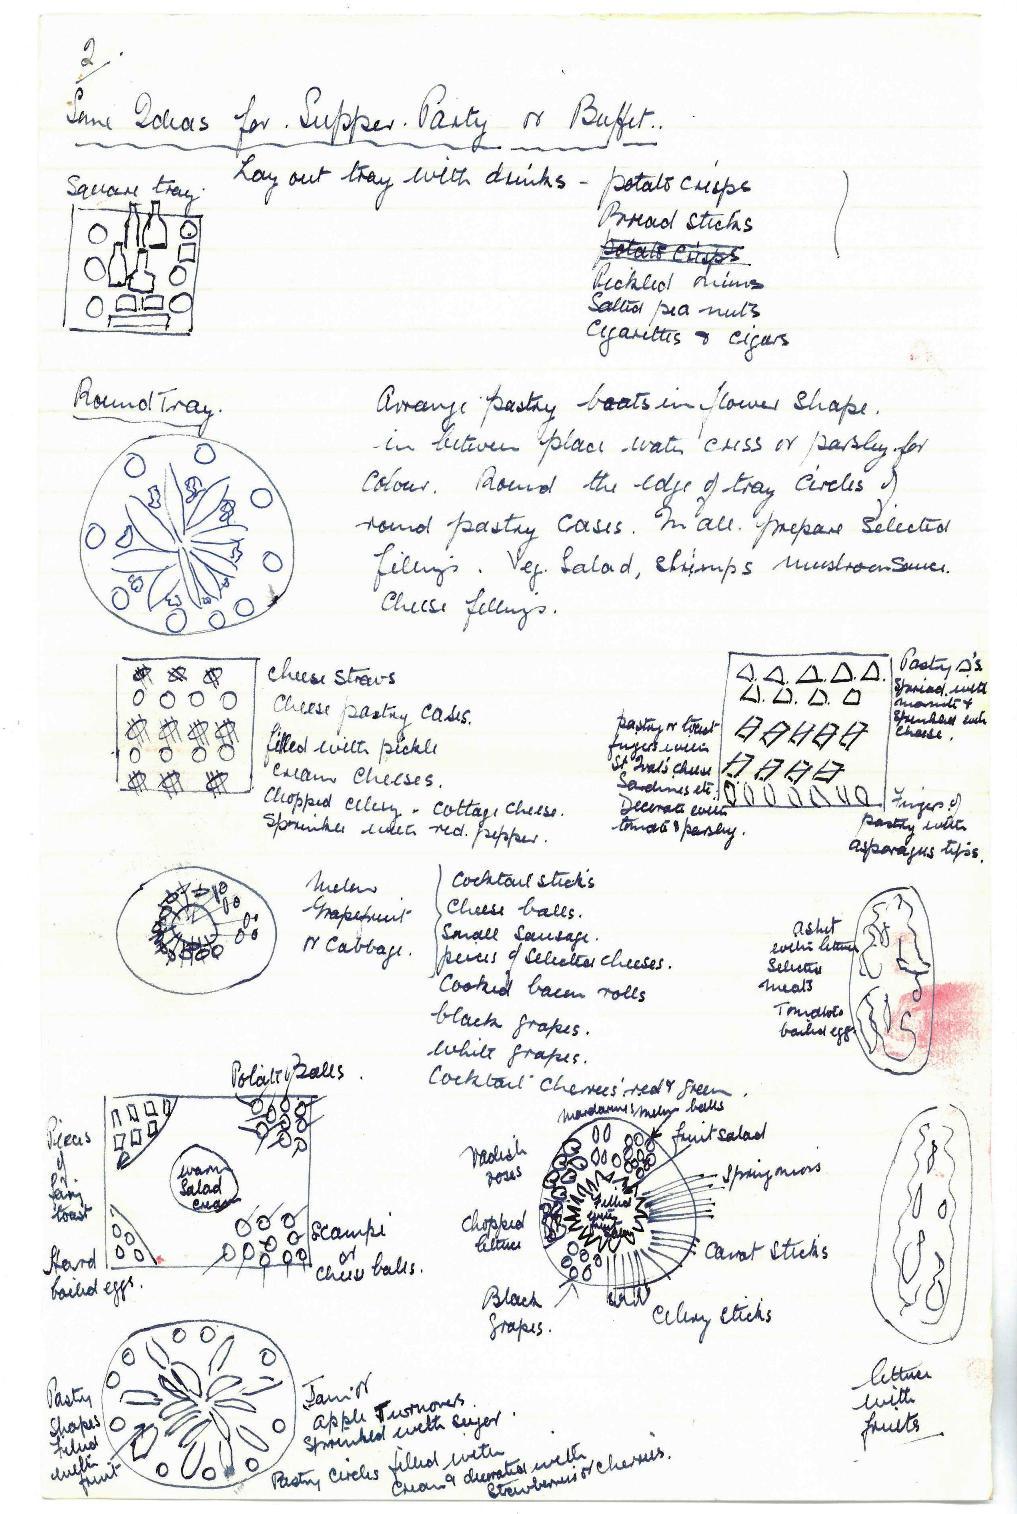 Christmas Party Planning.Christmas Party Planning 1970s Style